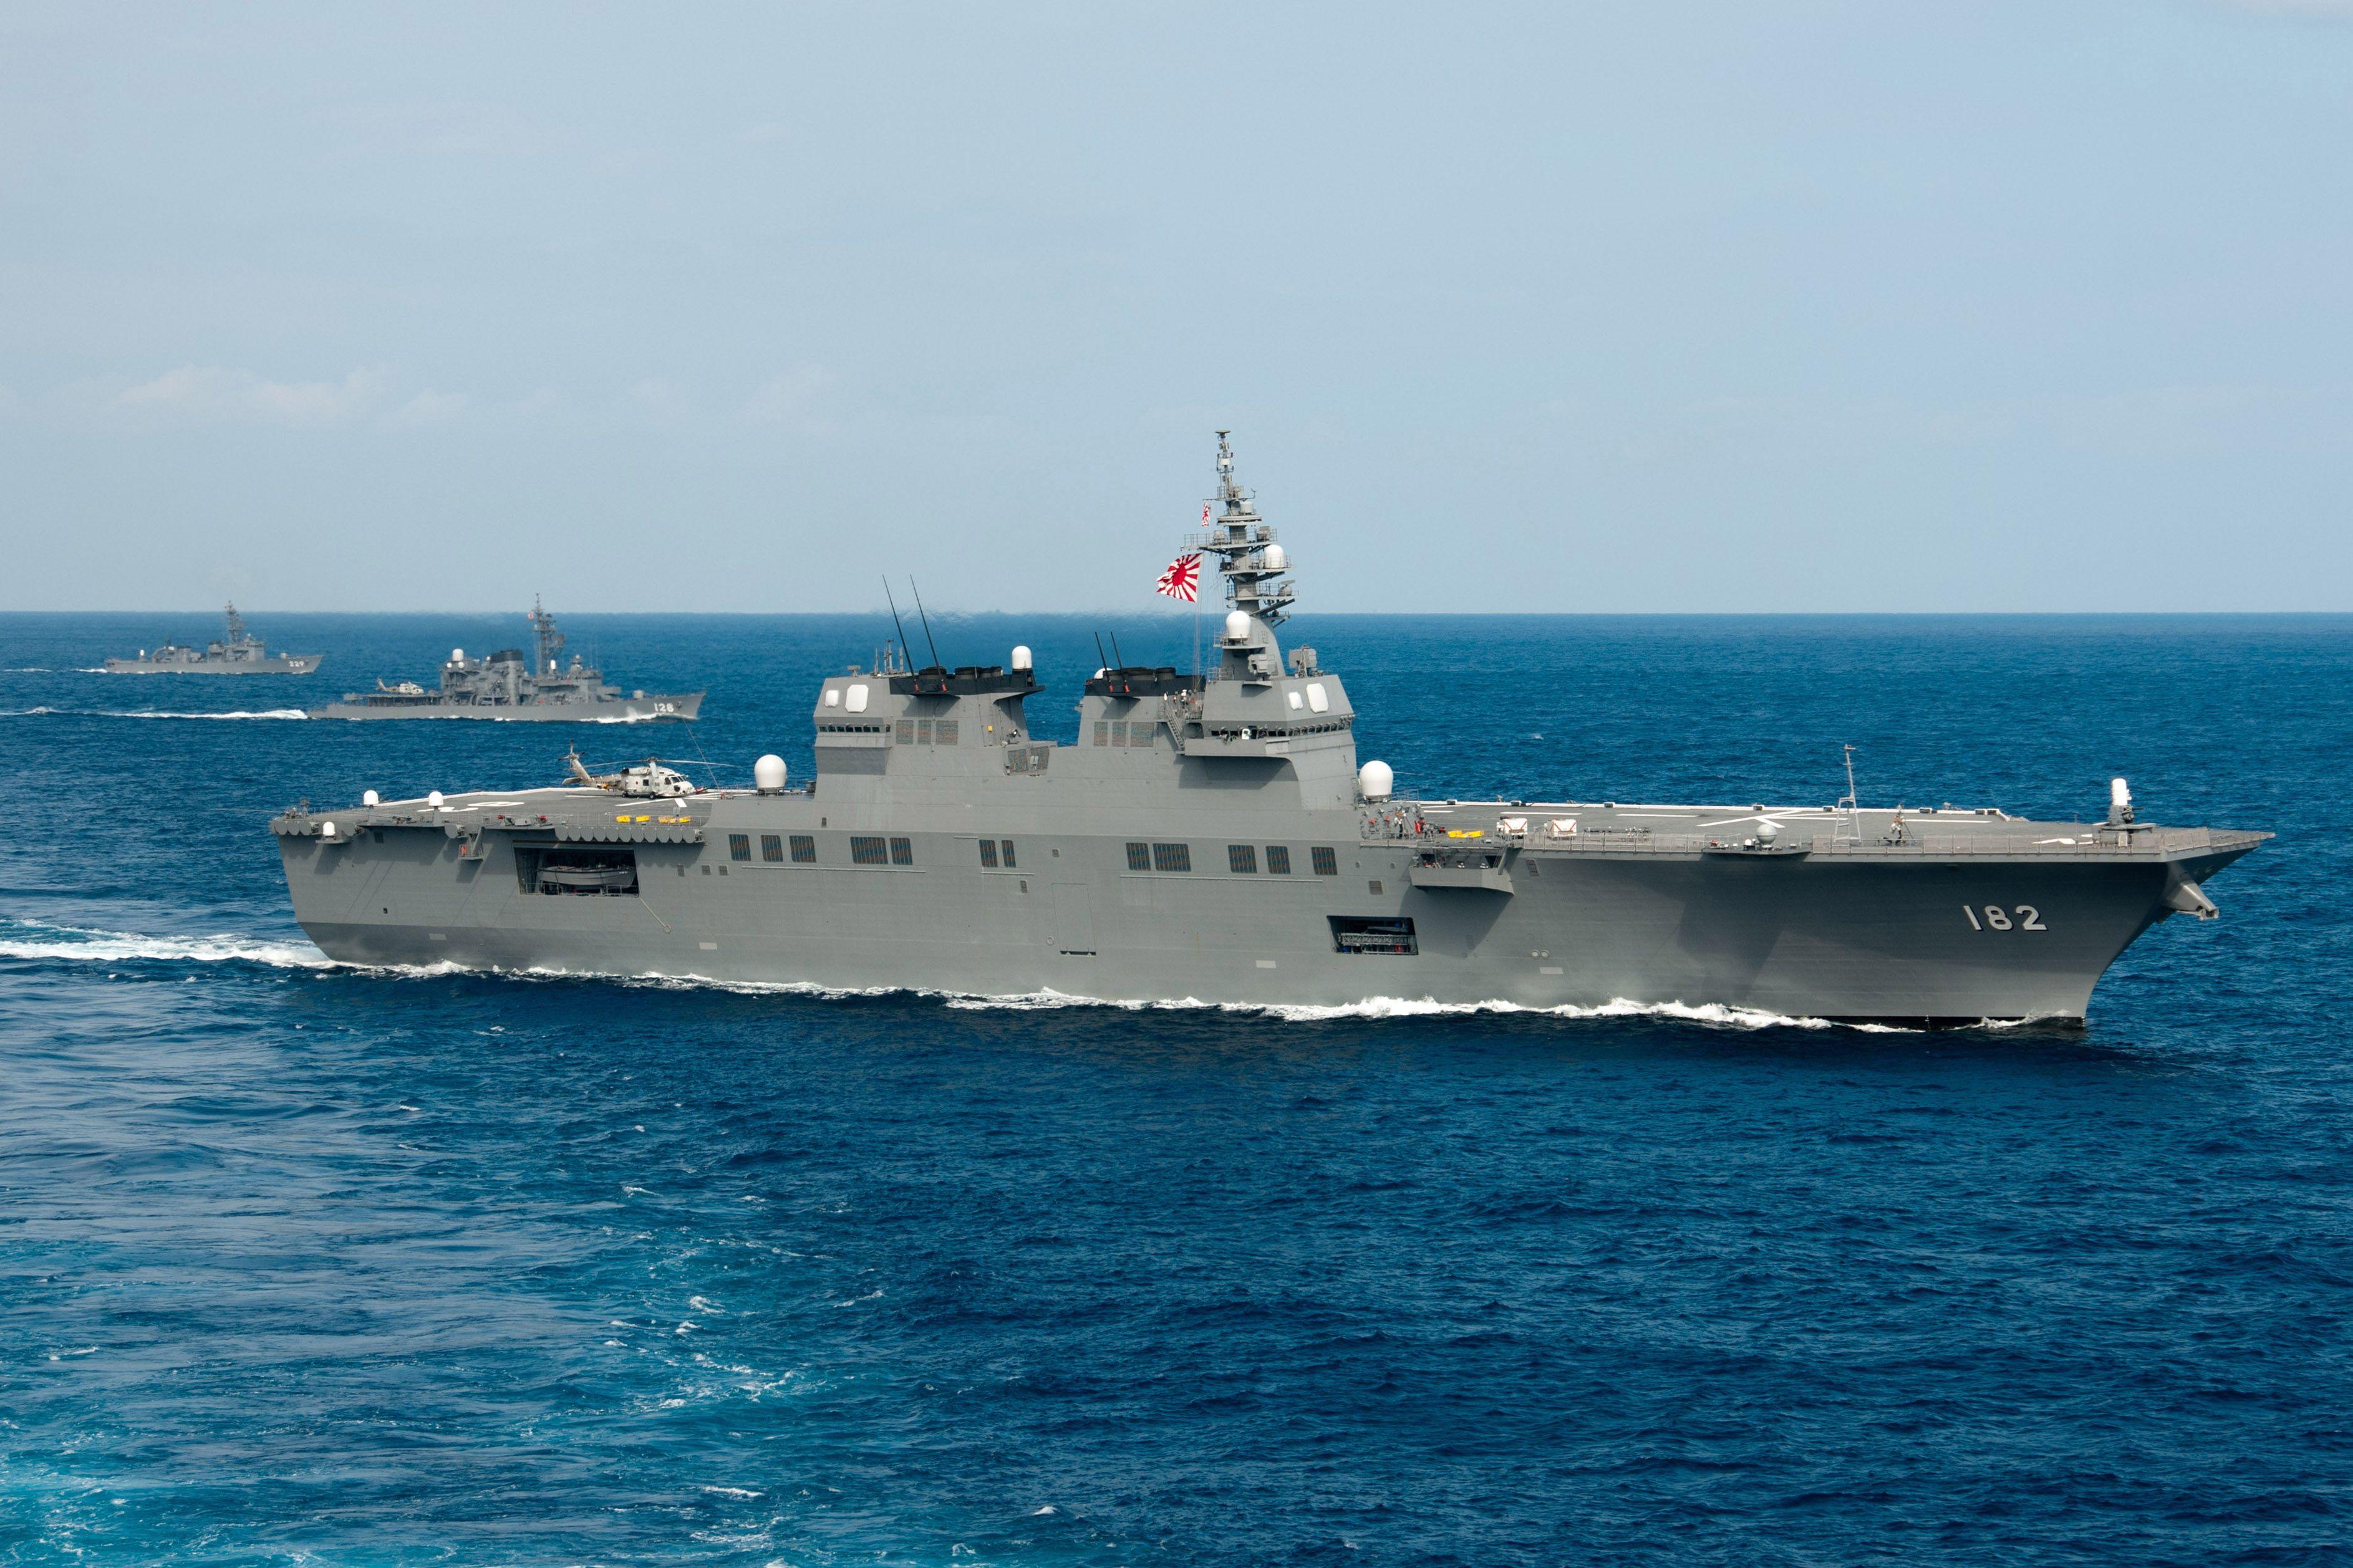 Los buques japoneses, Ise, Haruyuki y el Abukuma een el Este del Mar de China después de maniobras navales.